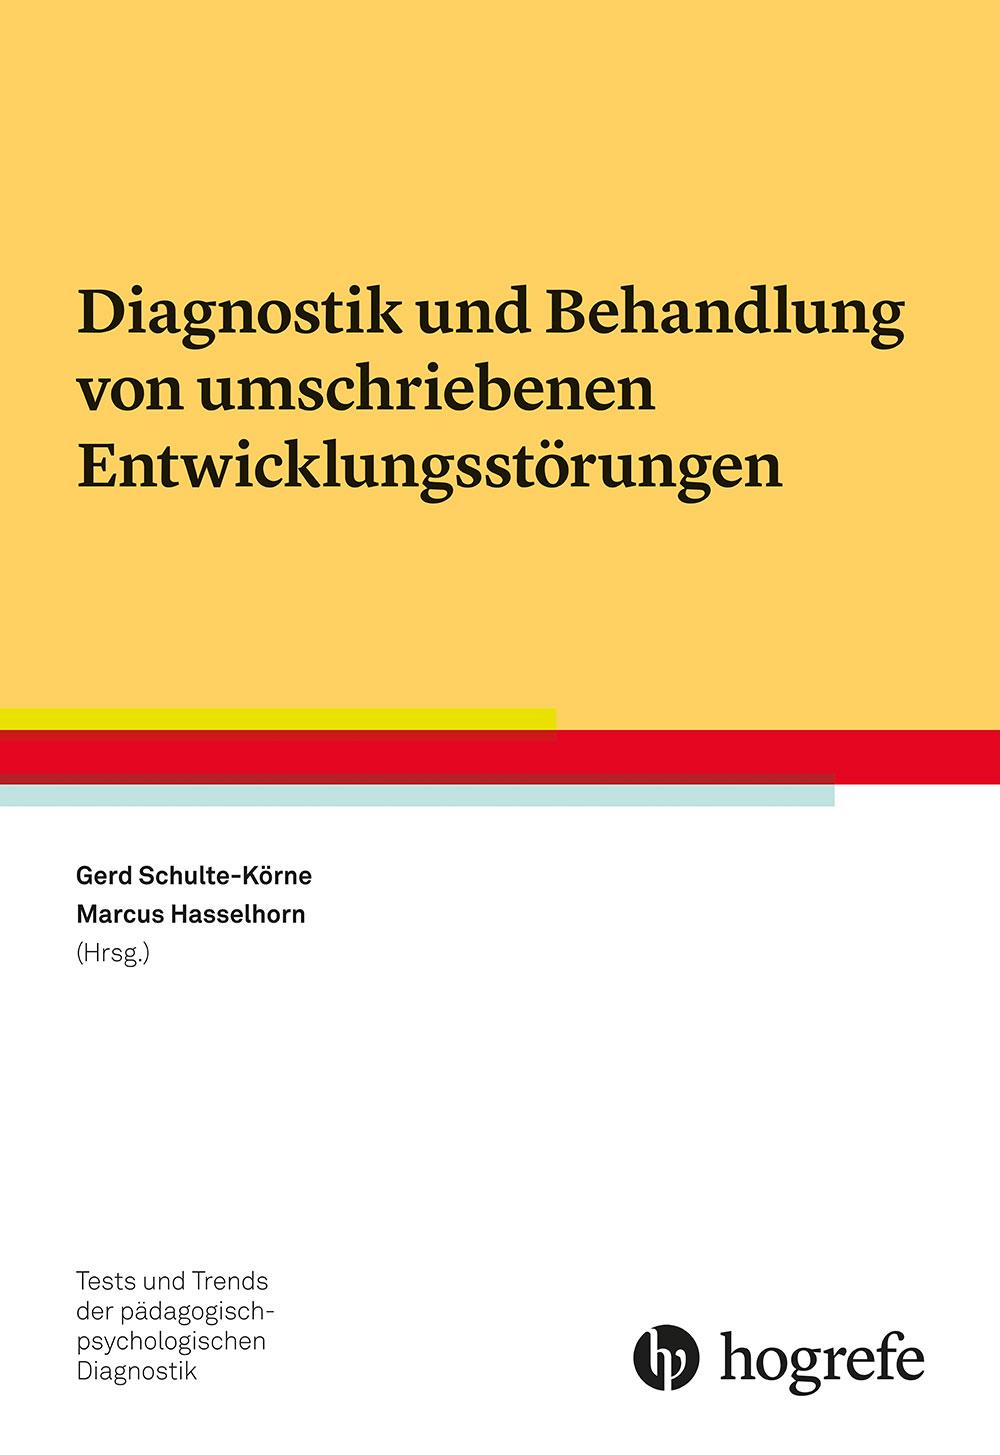 Diagnostik und Behandlung von umschriebenen Entwicklungsstörungen